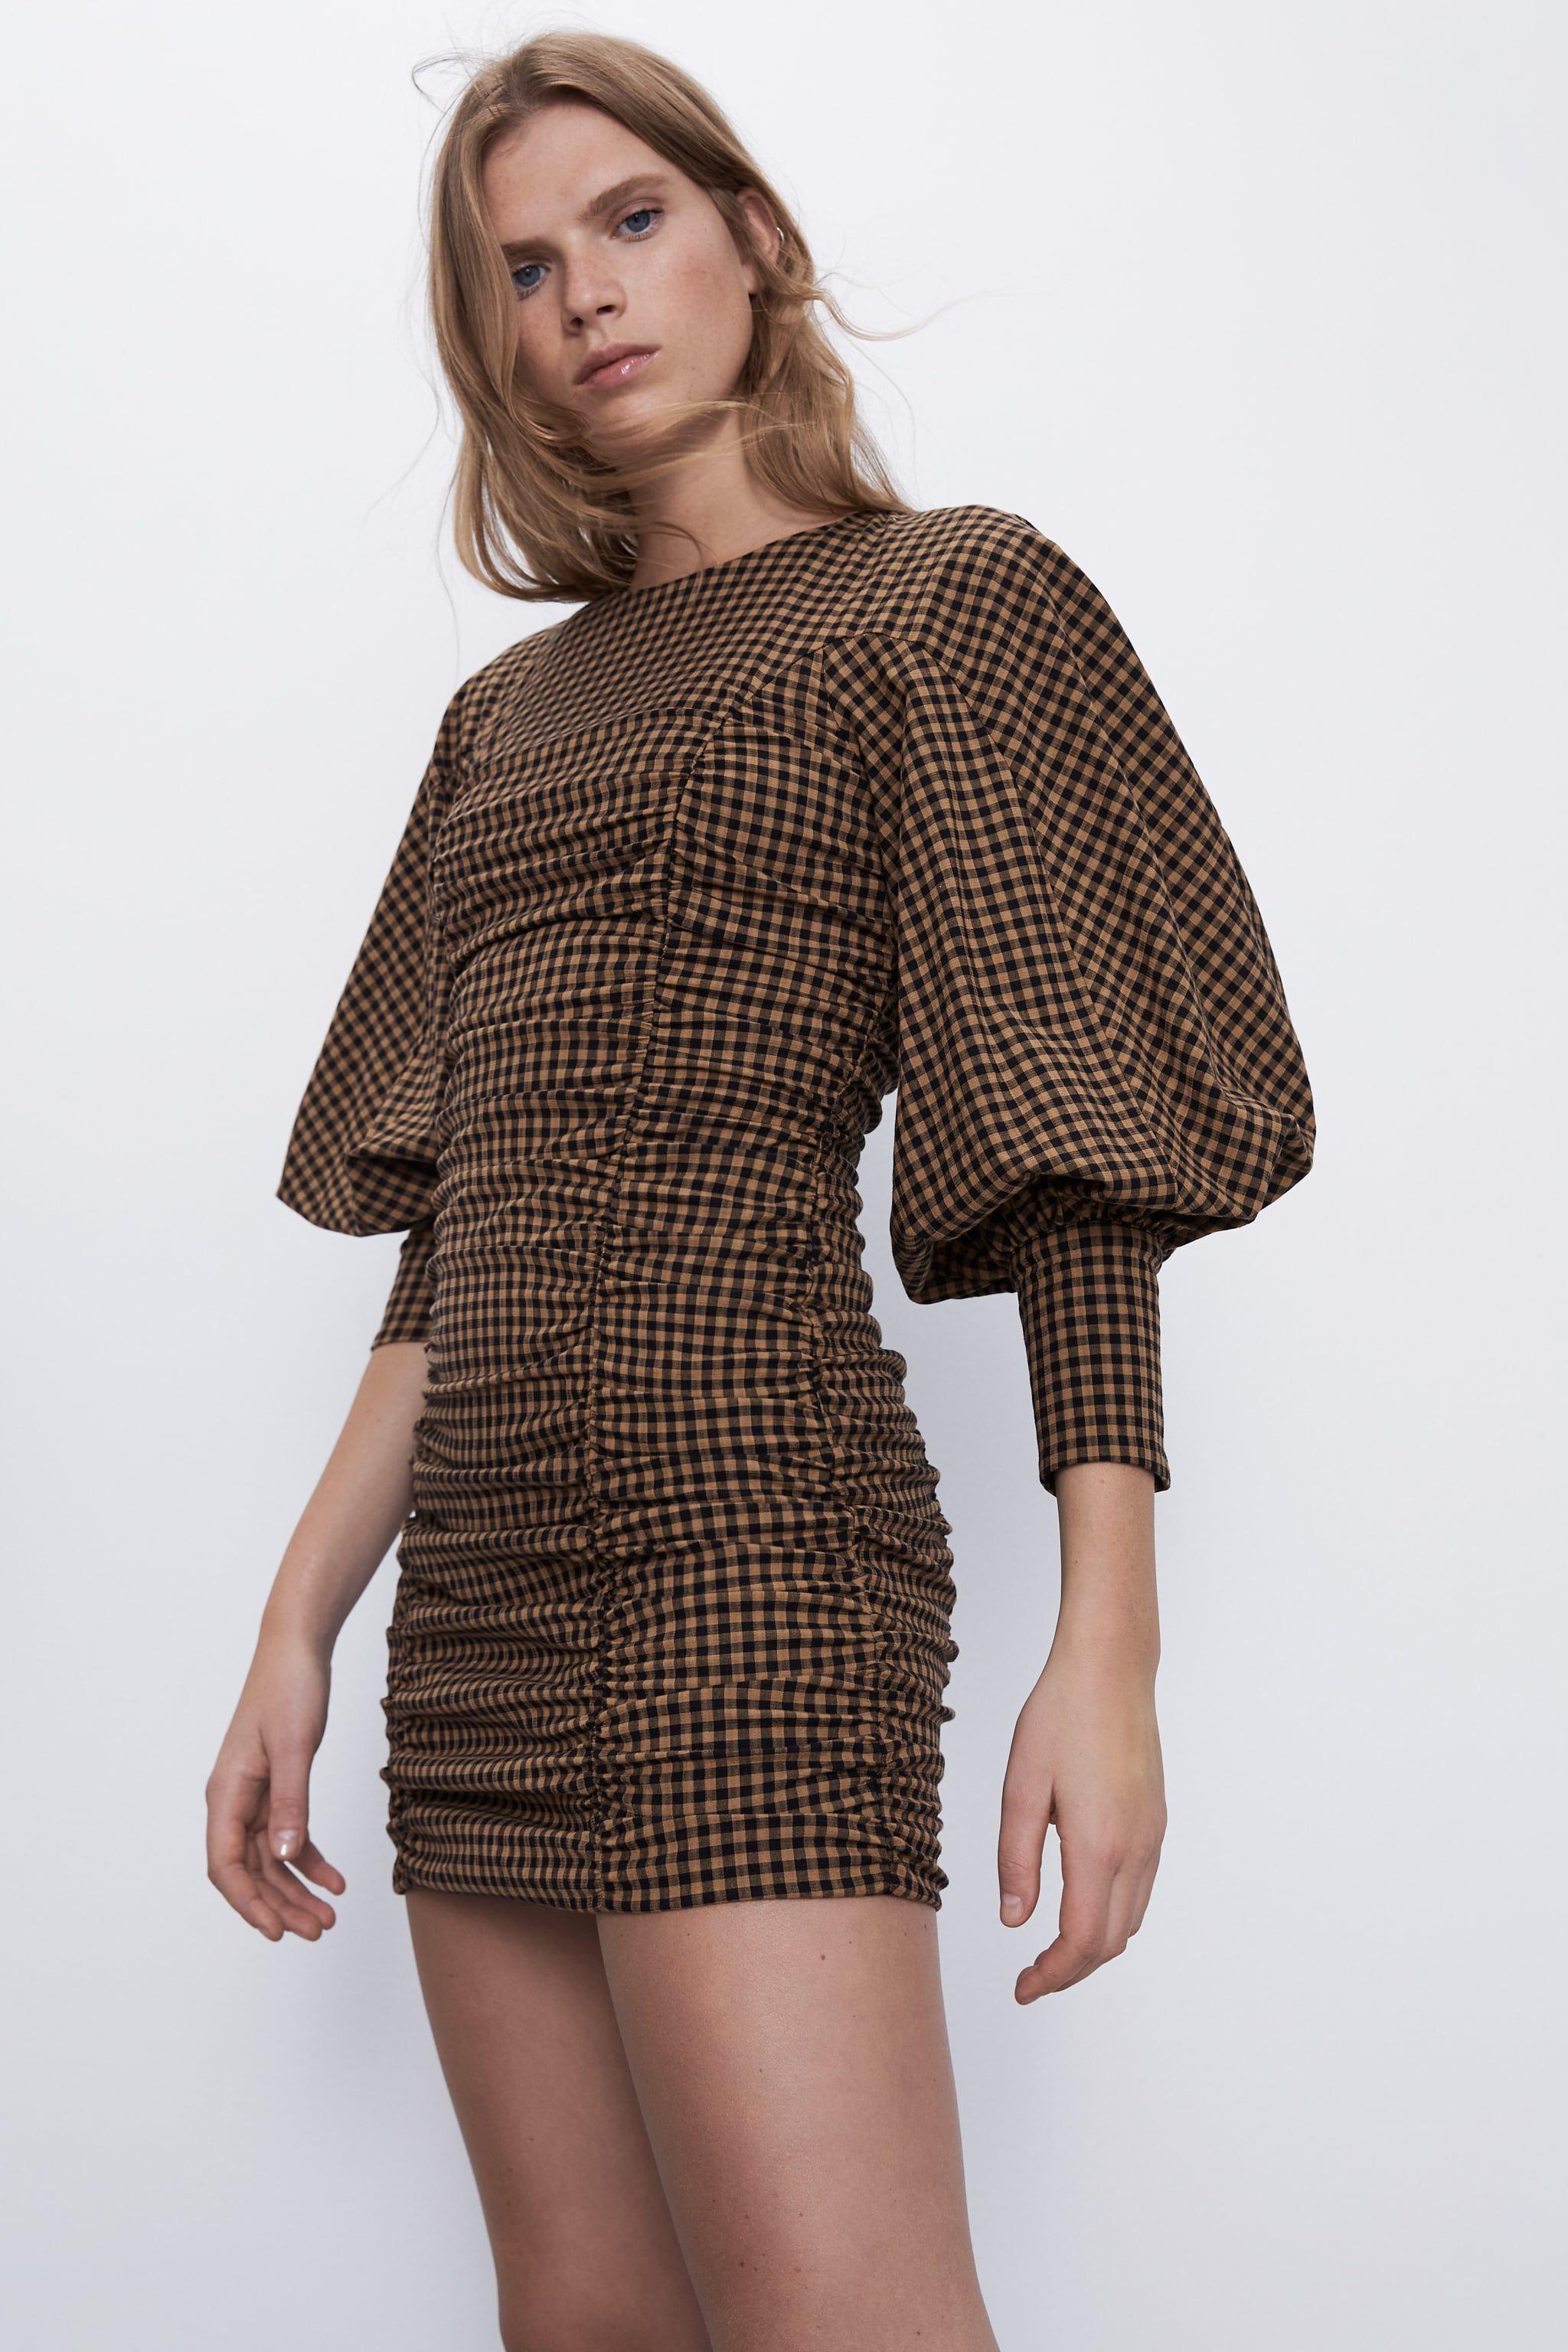 Vestiti 2020, il mini abito di Zara è moda street style